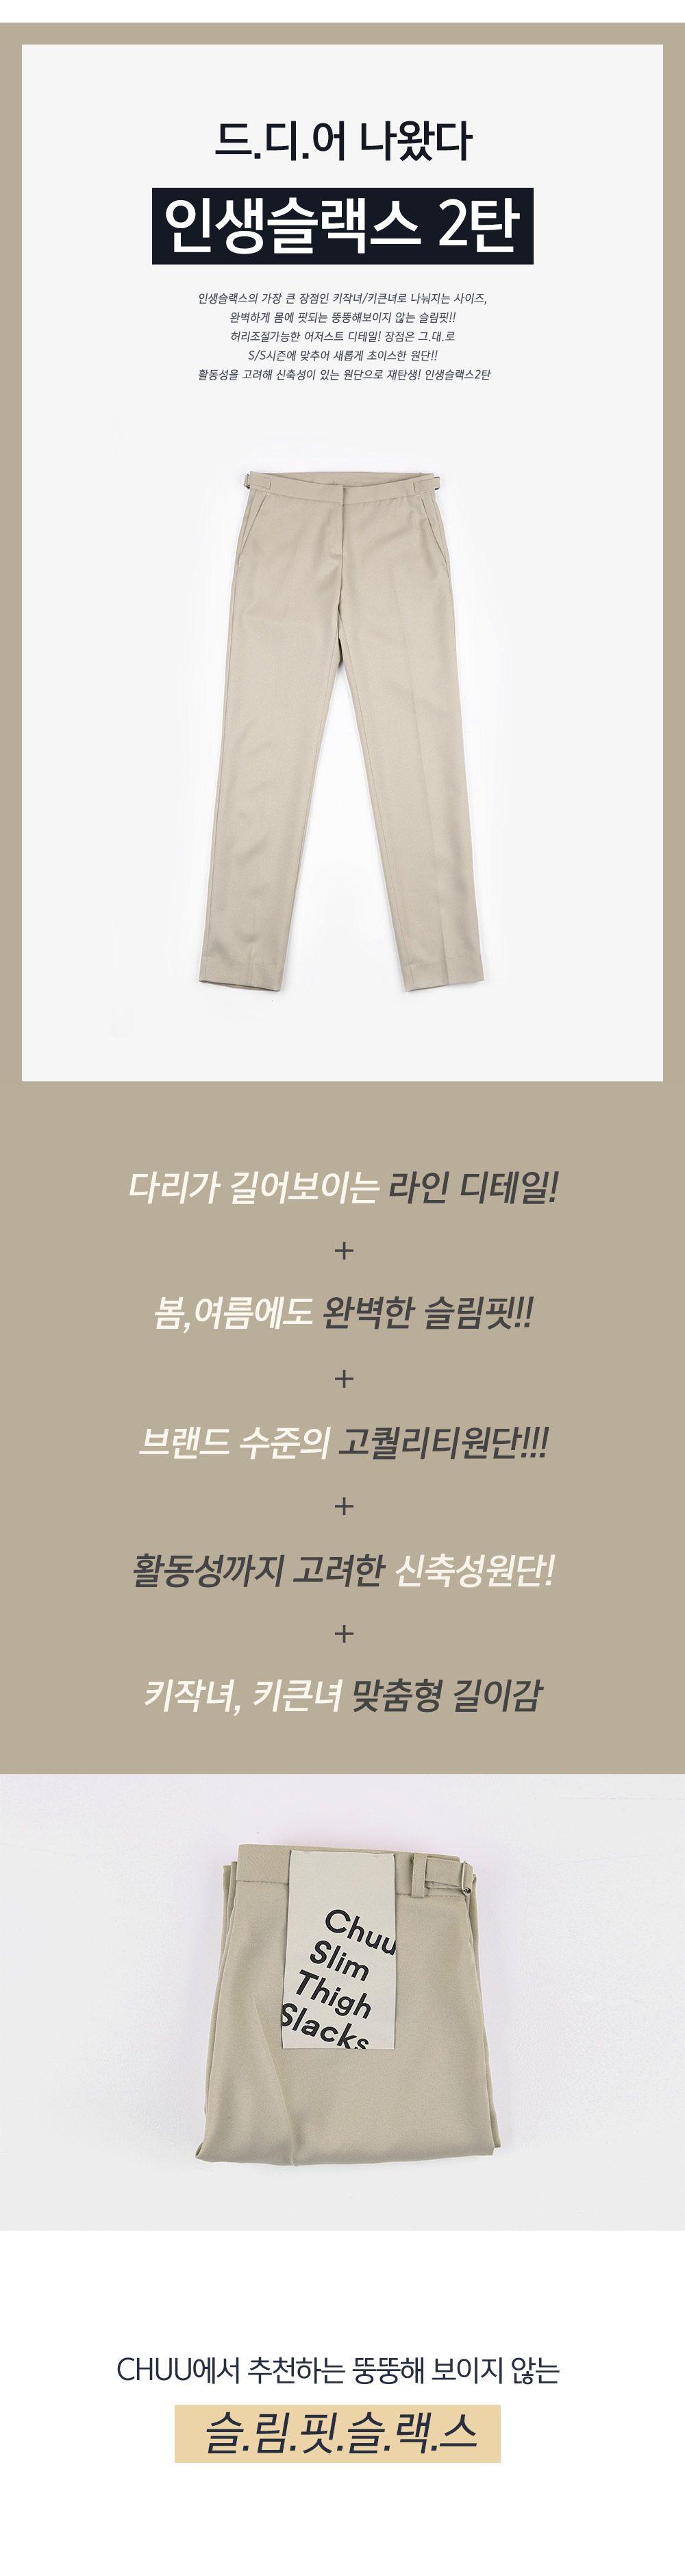 츄(chuu) | 인생슬랙스 2탄 pants | 지식쇼핑